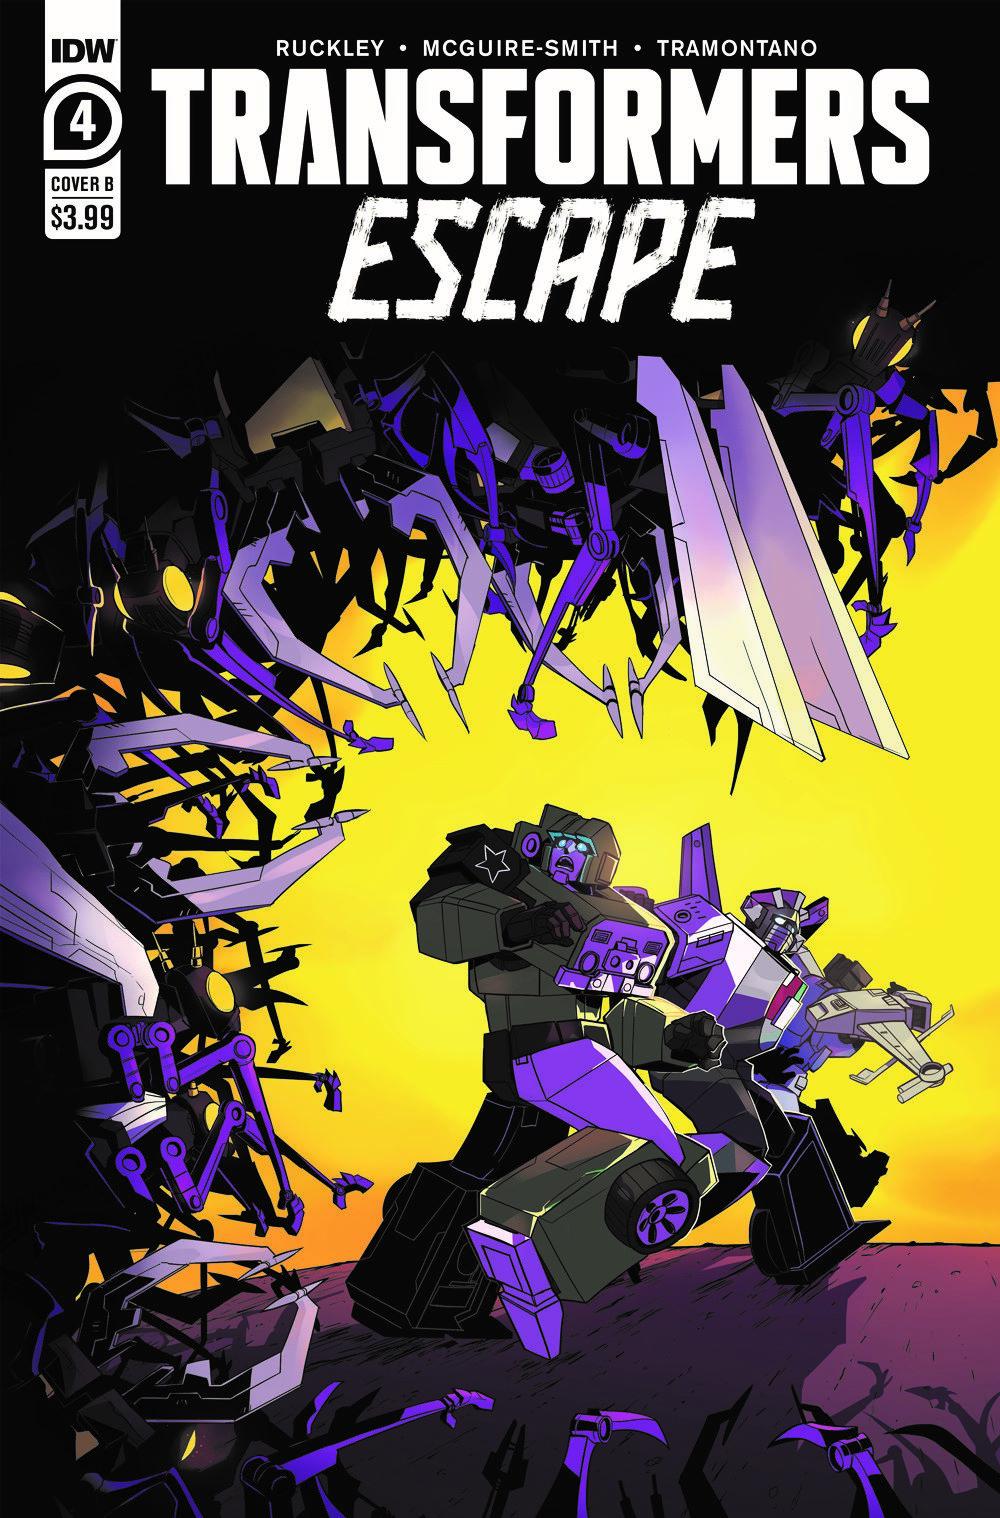 TFEscape04-Cover-B ComicList Previews: TRANSFORMERS ESCAPE #4 (OF 5)